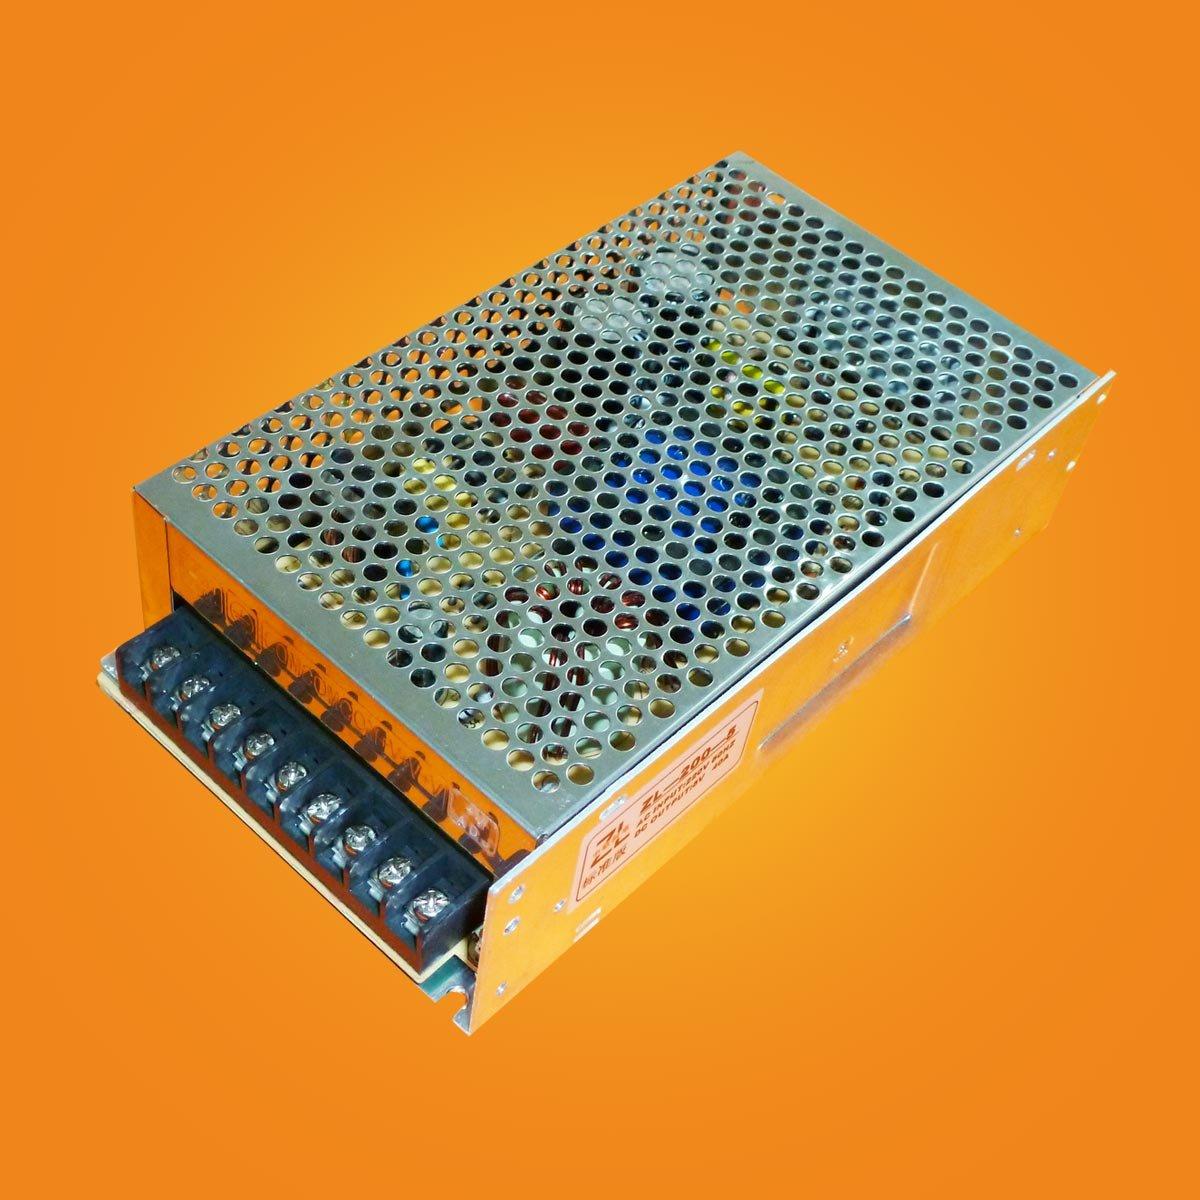 Блок питания CL интерьерный 5V, 200W.